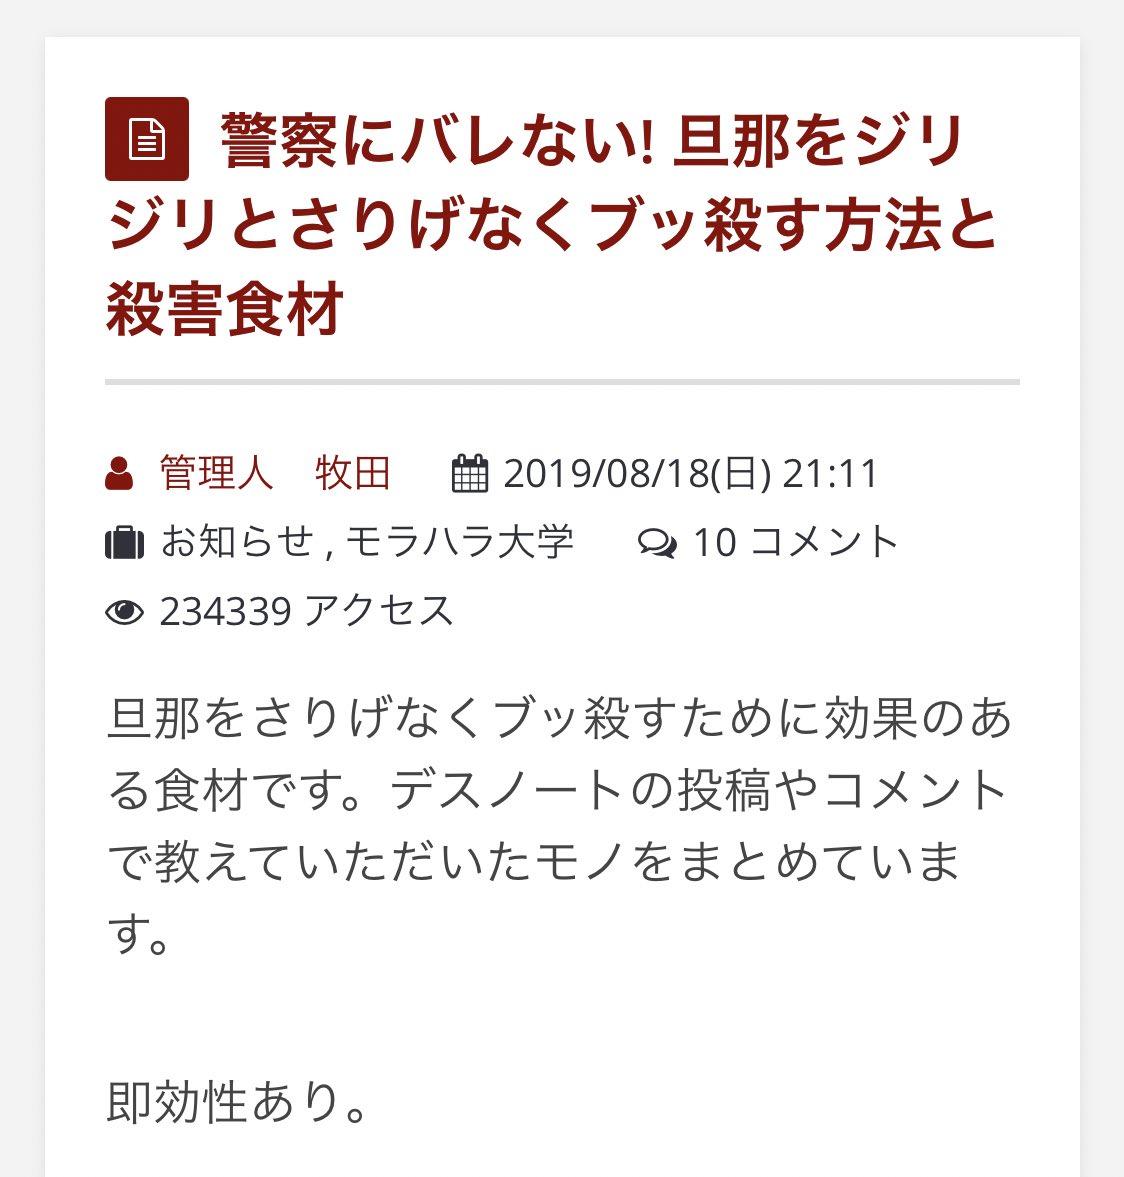 有吉弘行さんと夏目三久さんの結婚は夢で予言されていた!?共演番組『マツコ&有吉の怒り新党』のトークが今、話題!